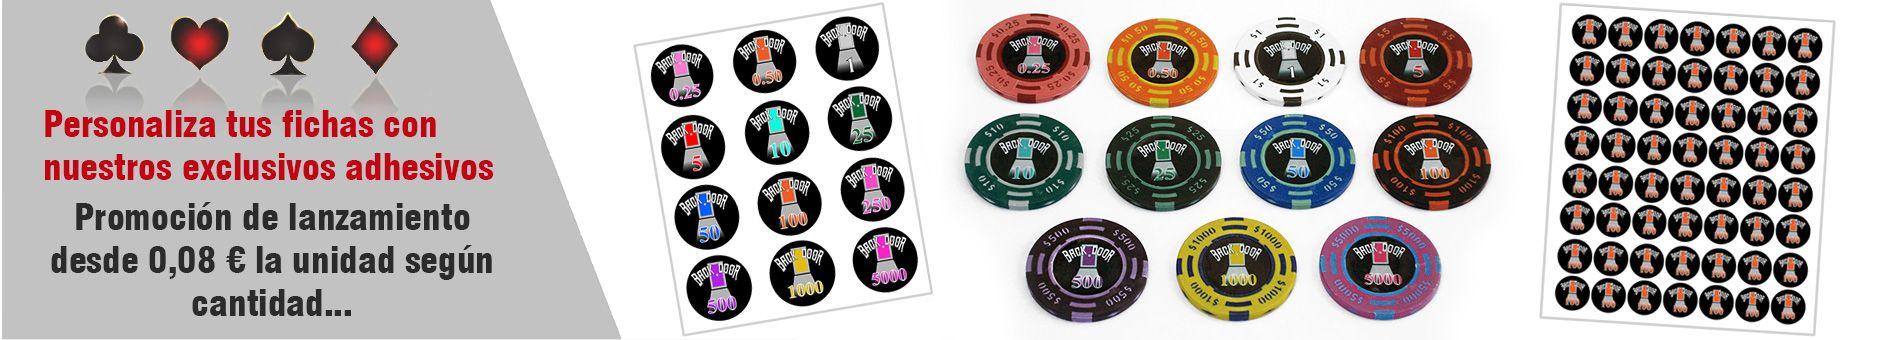 Adesivos para personalização de fichas de pôquer